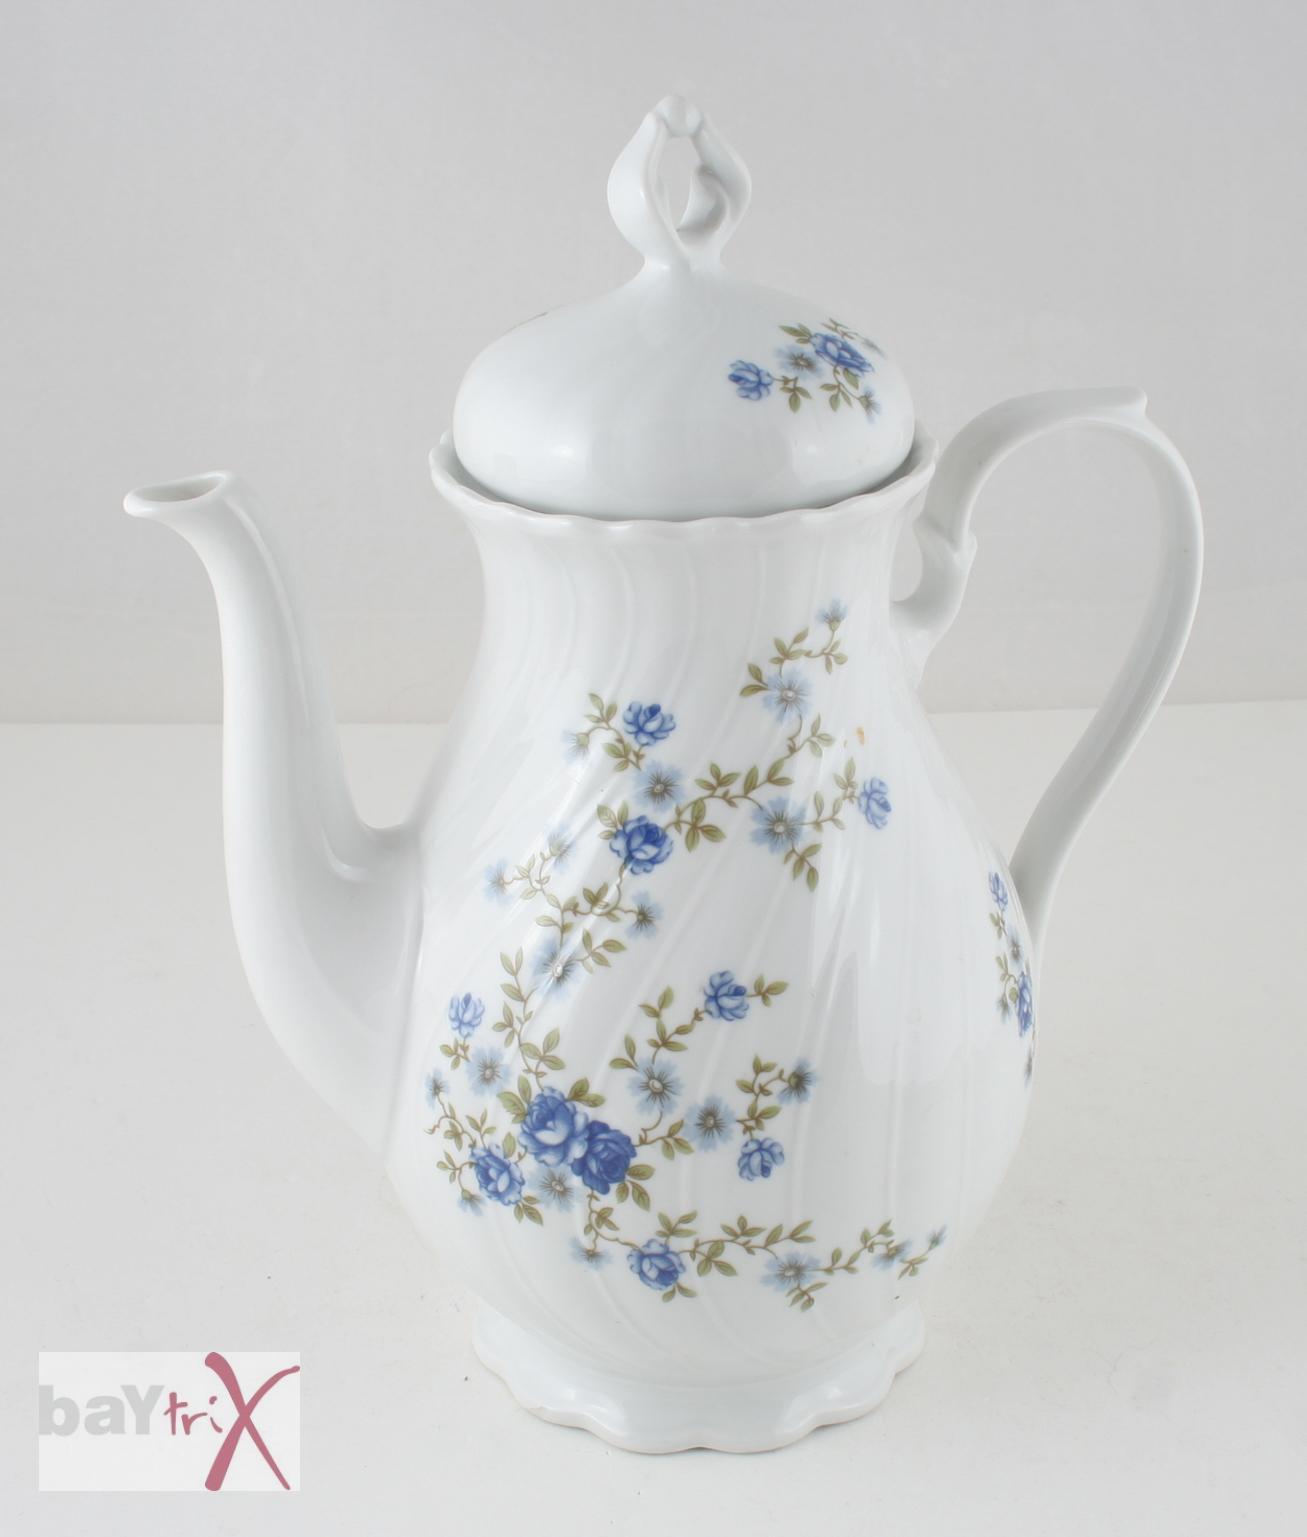 kaffeekanne regina seltmann weiden bavaria porzellan wei mit blauen r schen ebay. Black Bedroom Furniture Sets. Home Design Ideas